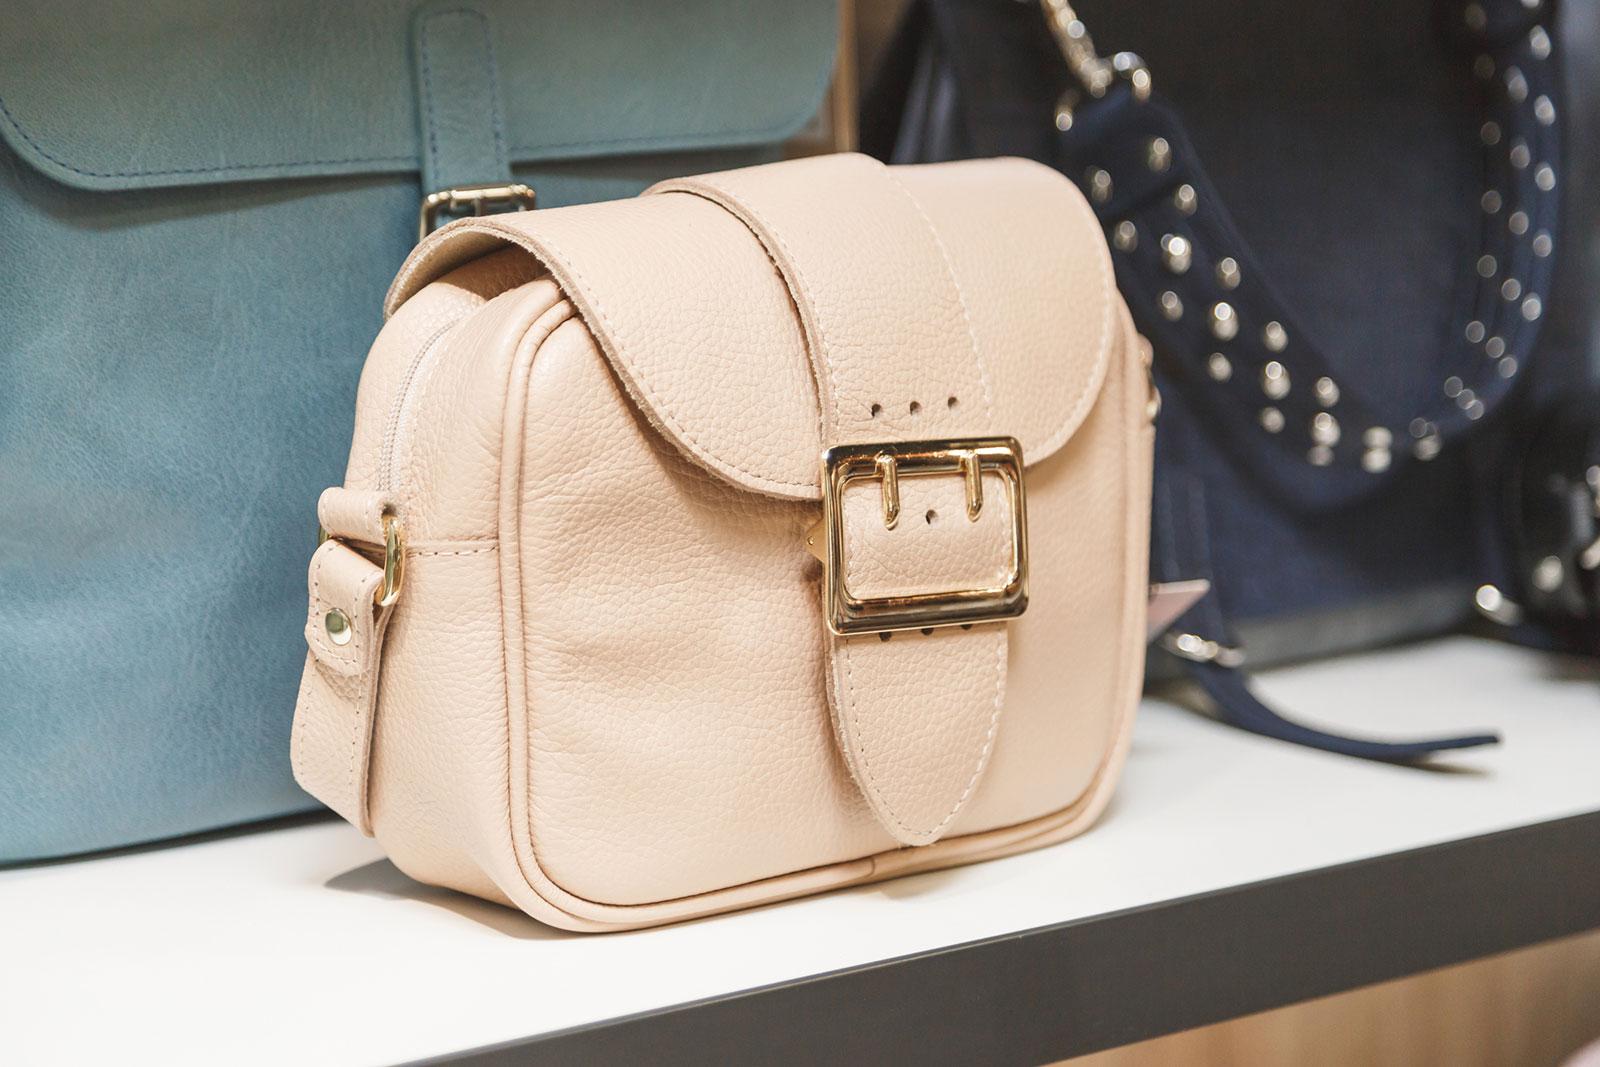 4d5ba736bfa Best Non-Designer Handbag Brands | LoveToKnow